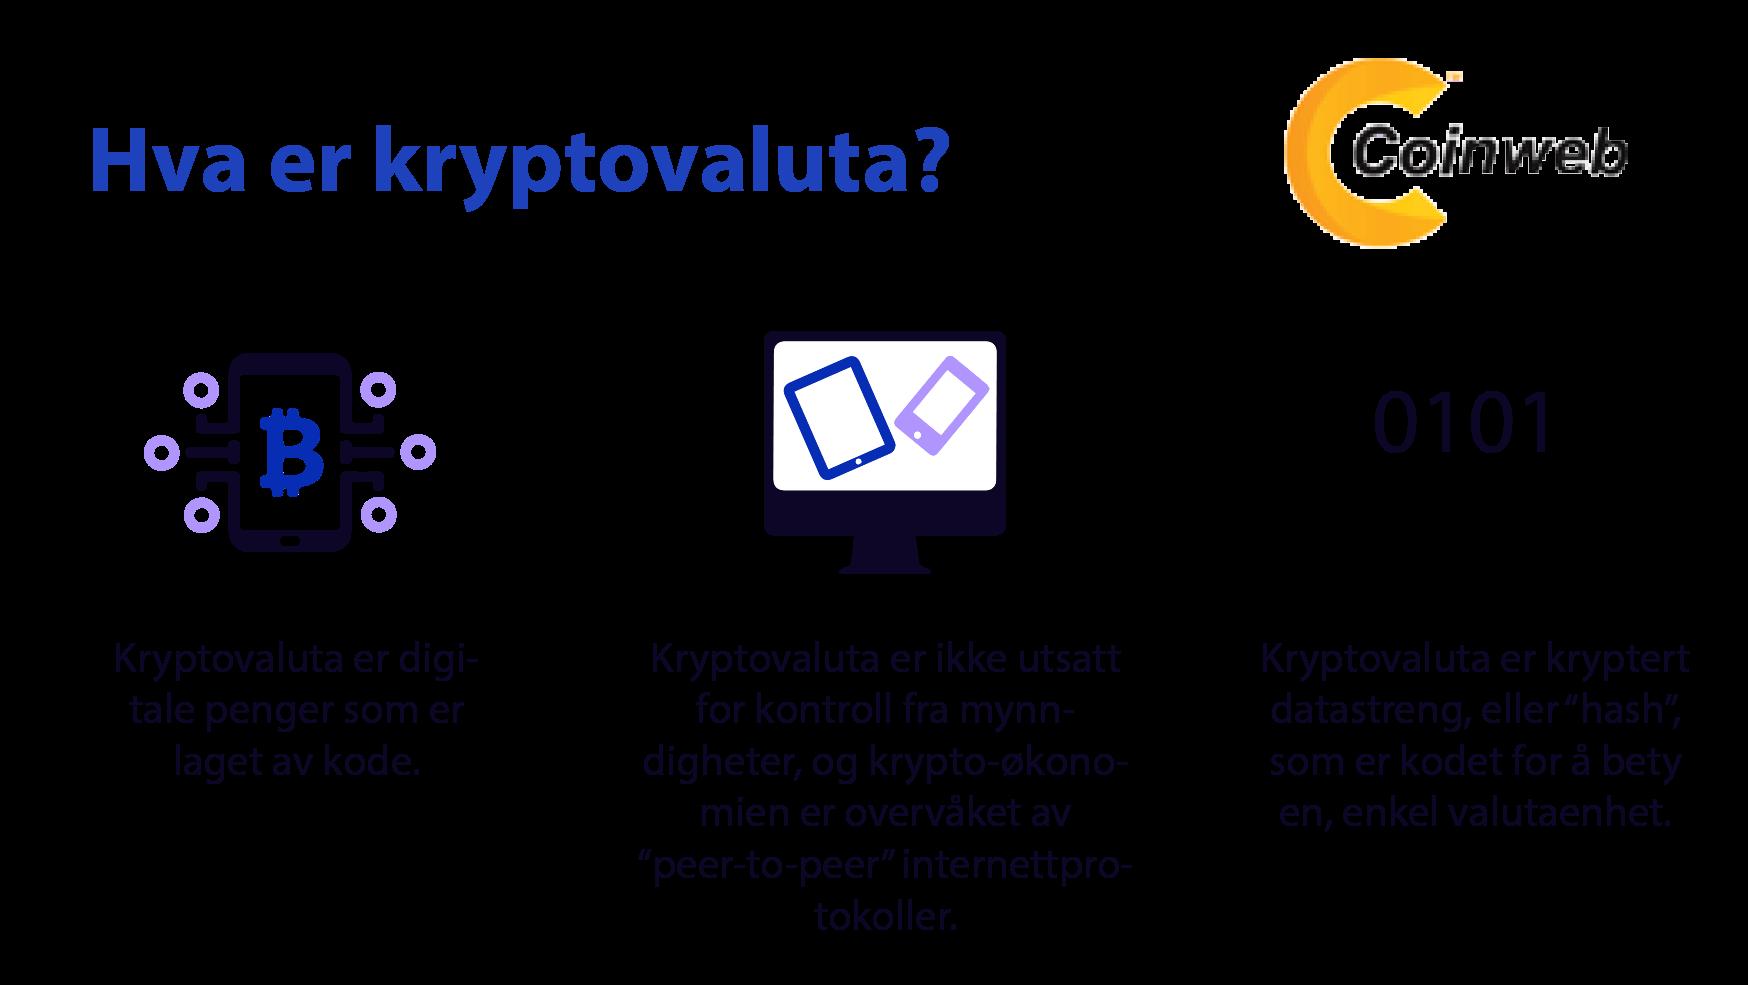 hva er kryptovaluta